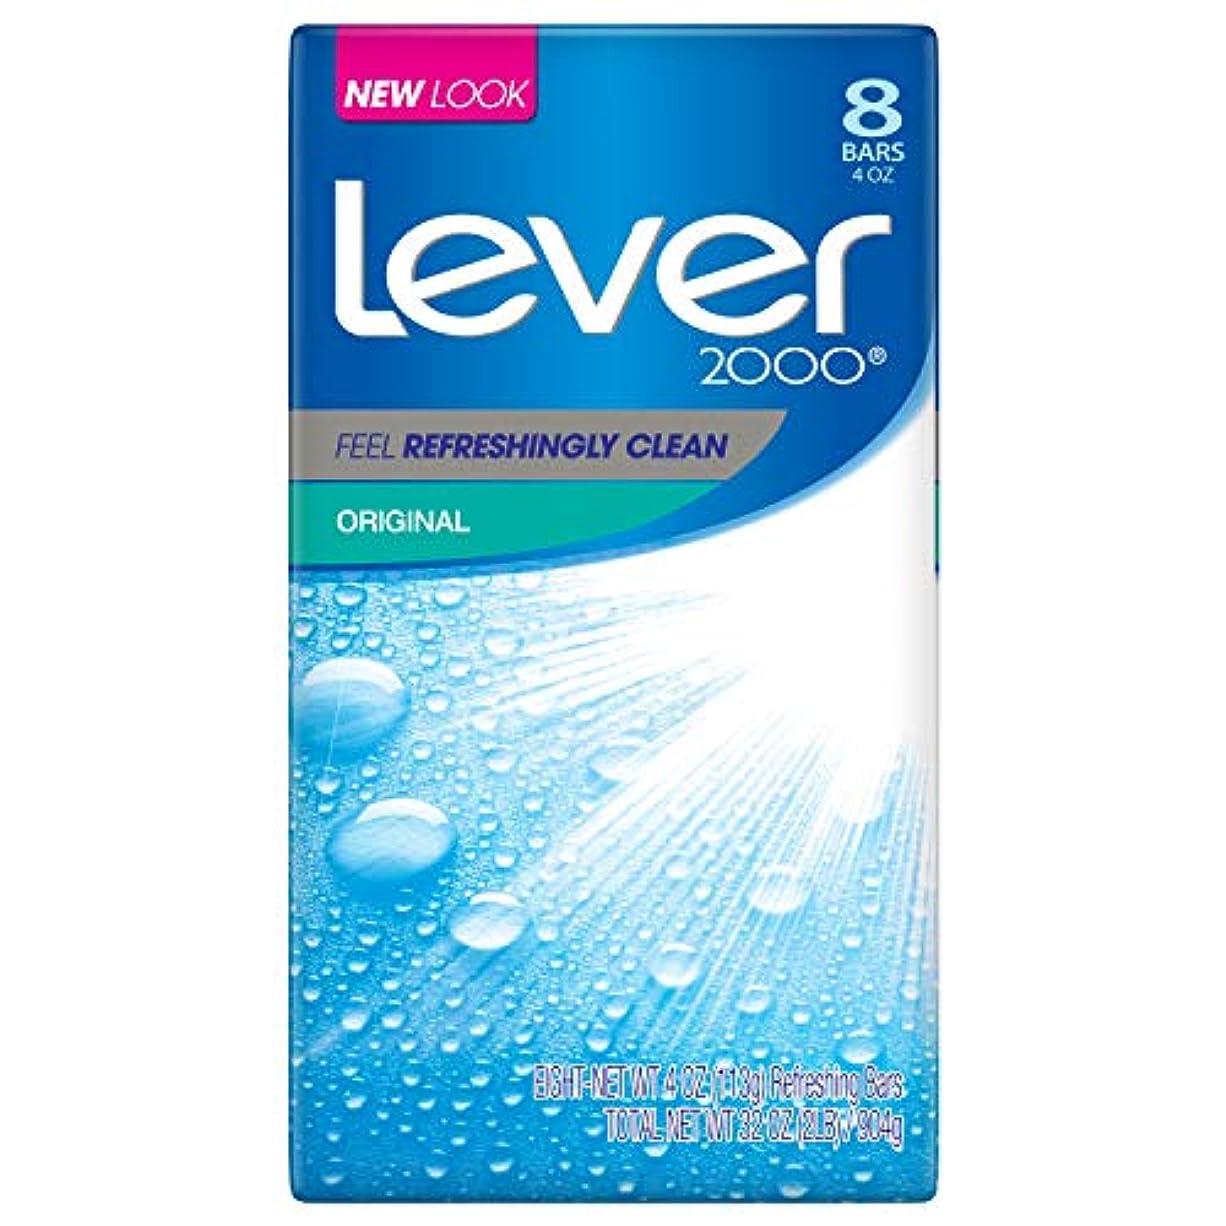 添加信条無礼にLever 2000 石鹸、オリジナル4オズ、8バー